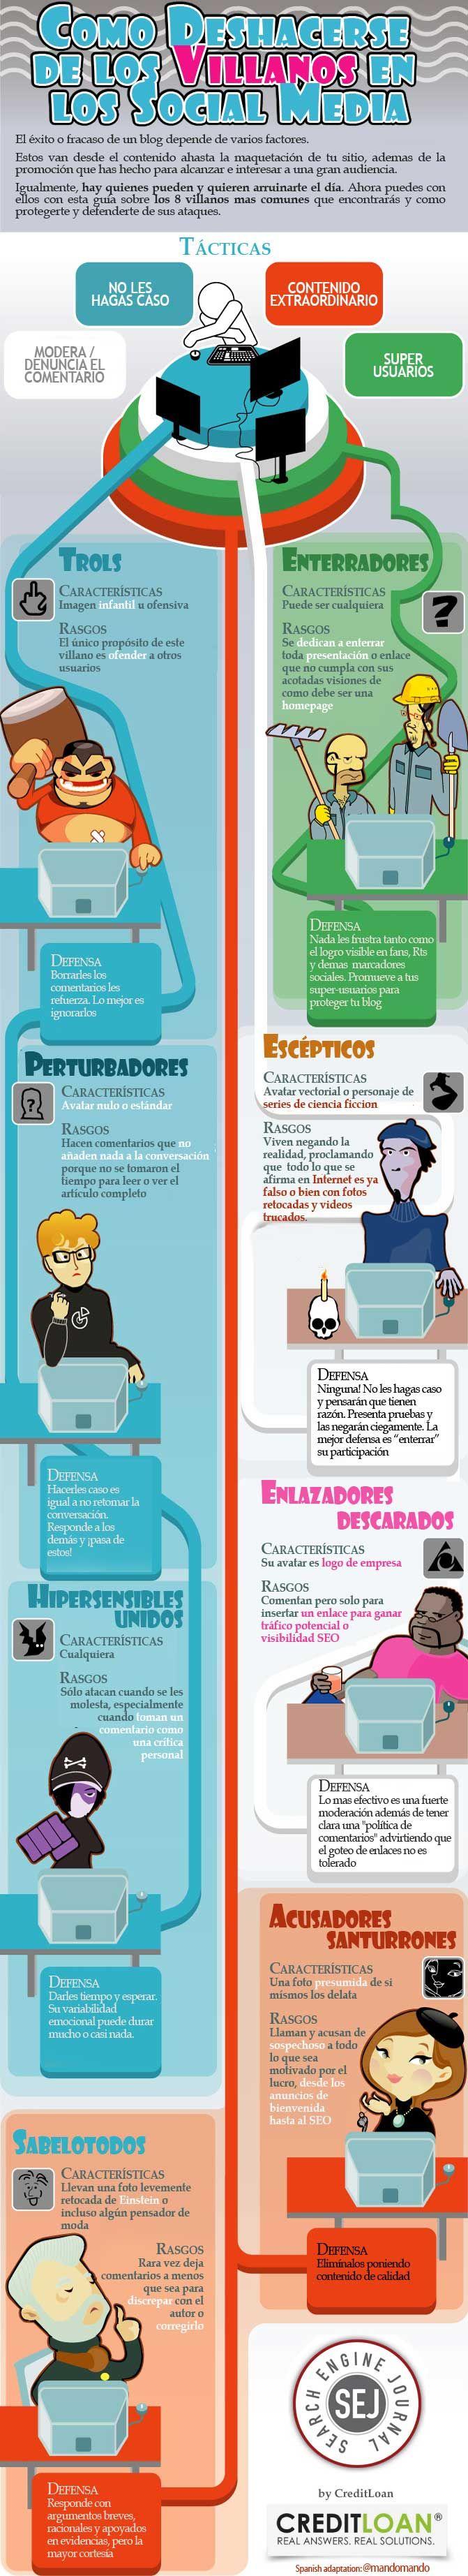 Infografía en español que habla de cómo deshacerse de los trollers (villanos) en Social Media